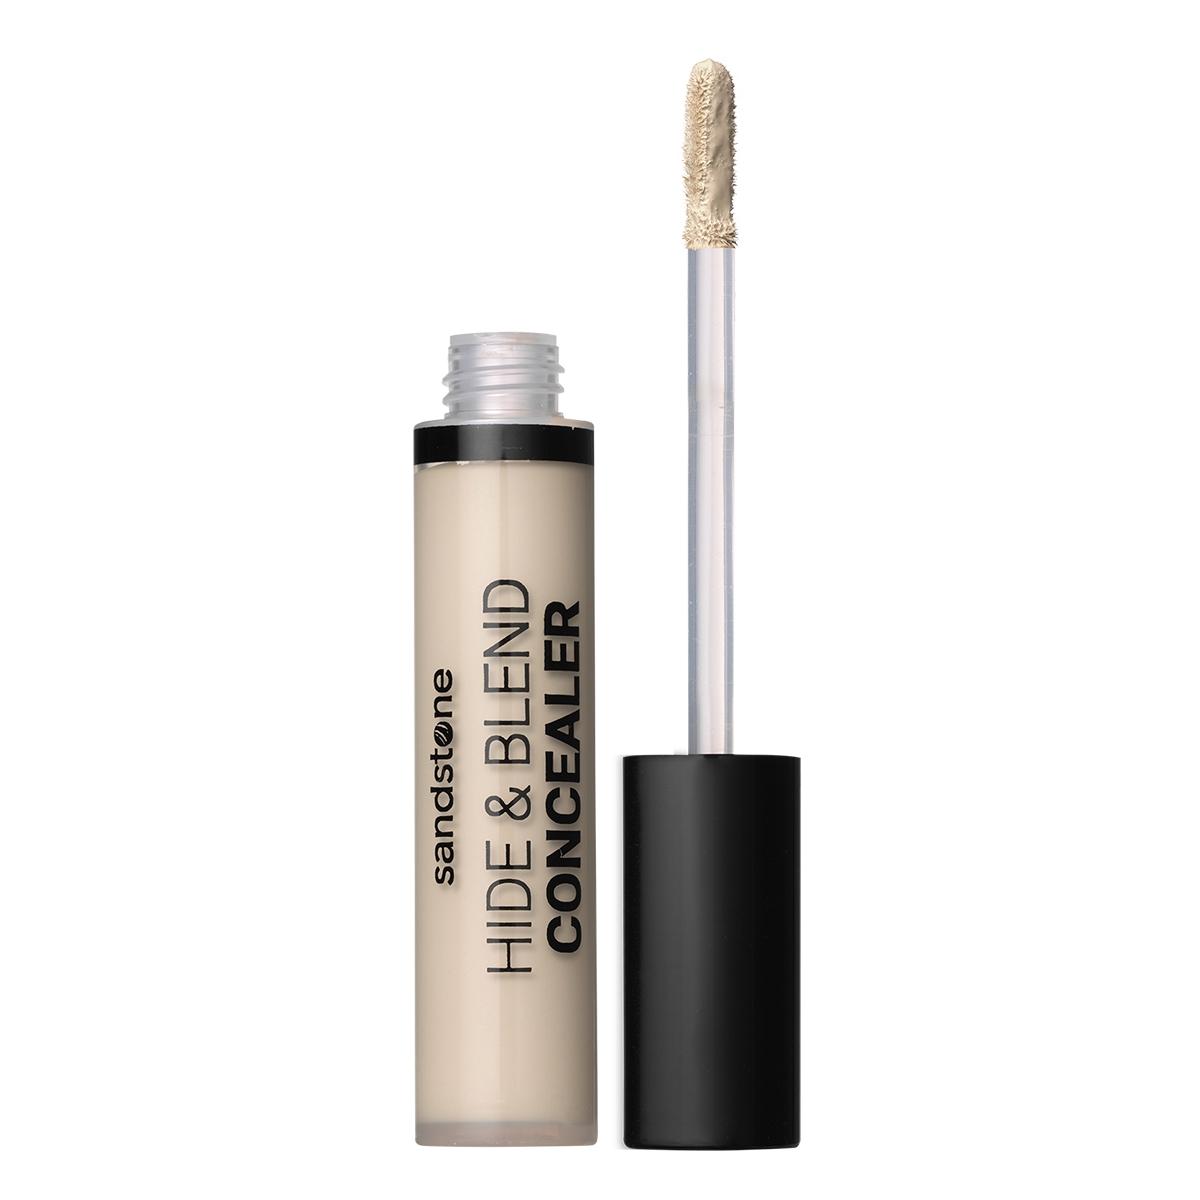 Sandstone Hide & Blend Concealer, C1 light ivory